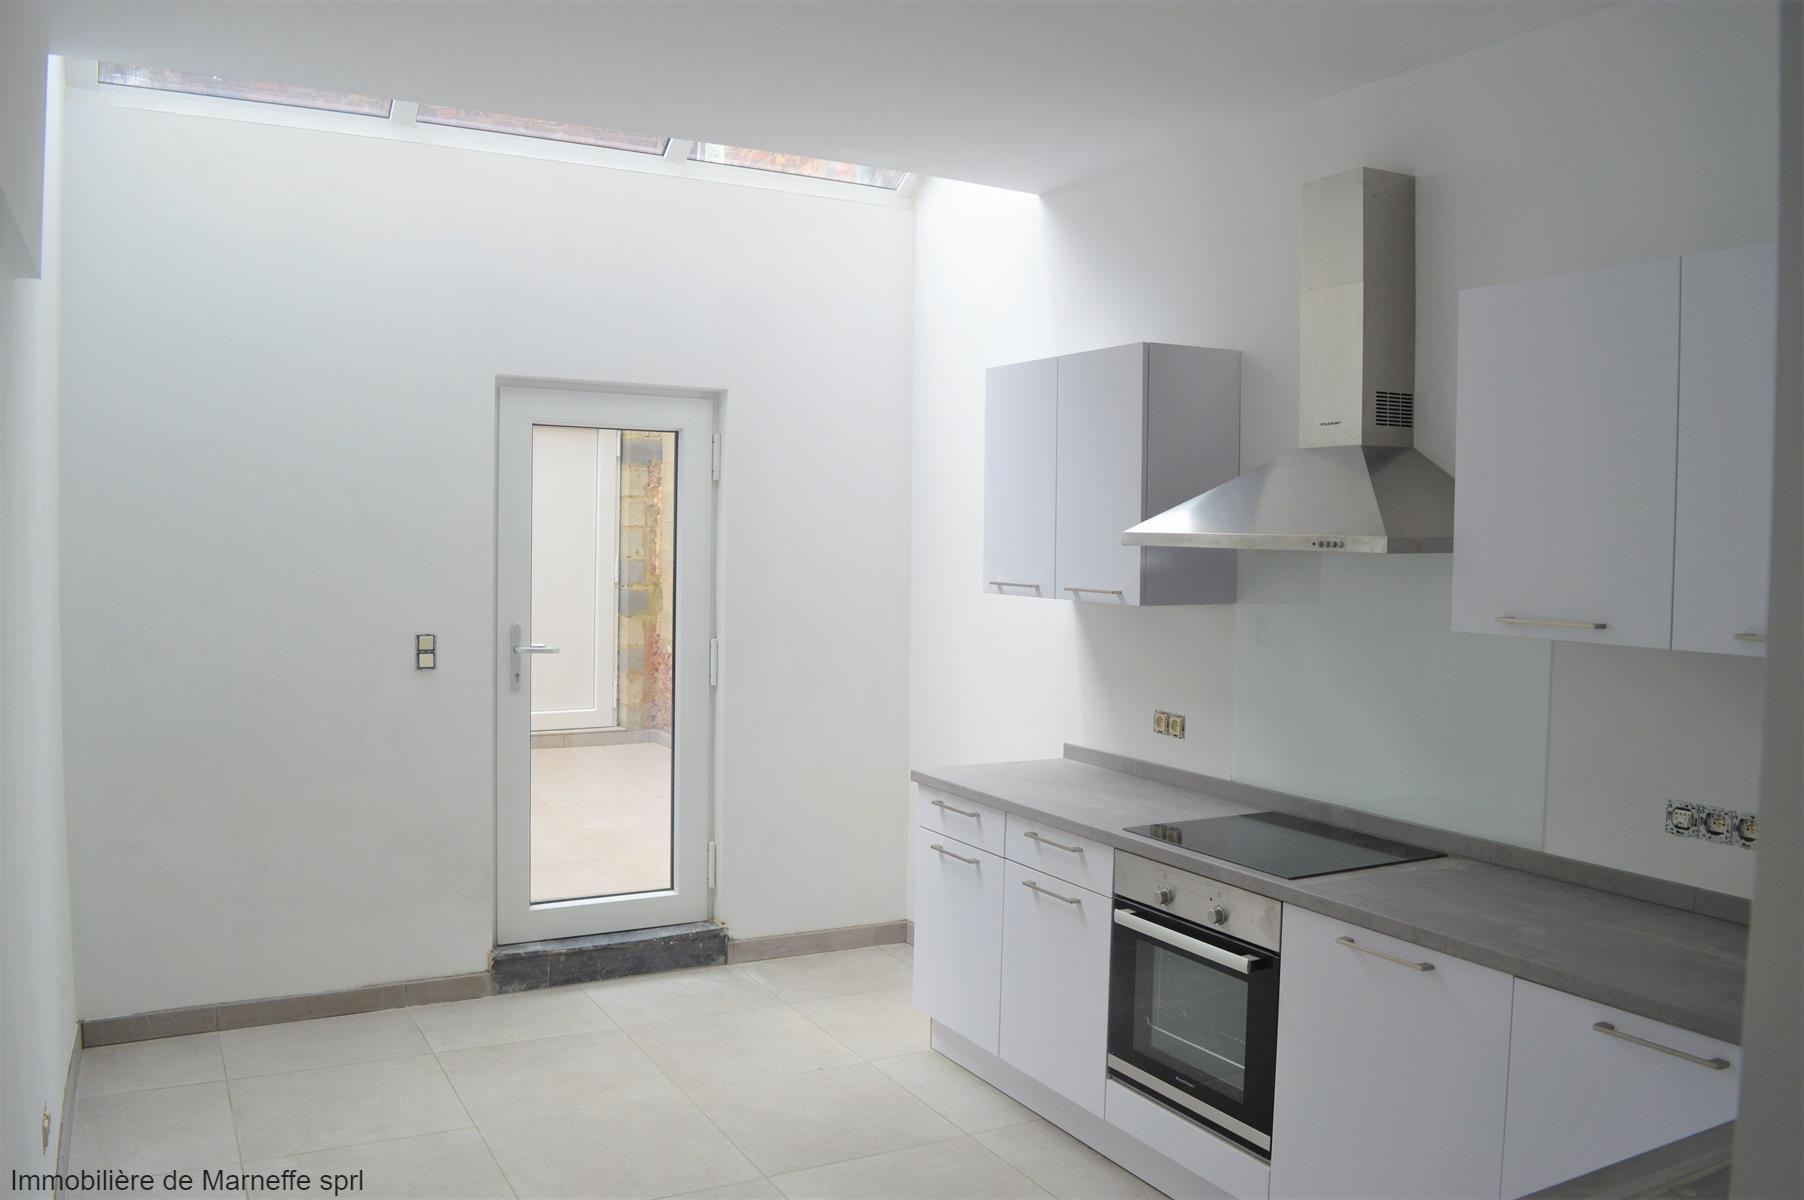 Maison - Verlaine - #4442433-4